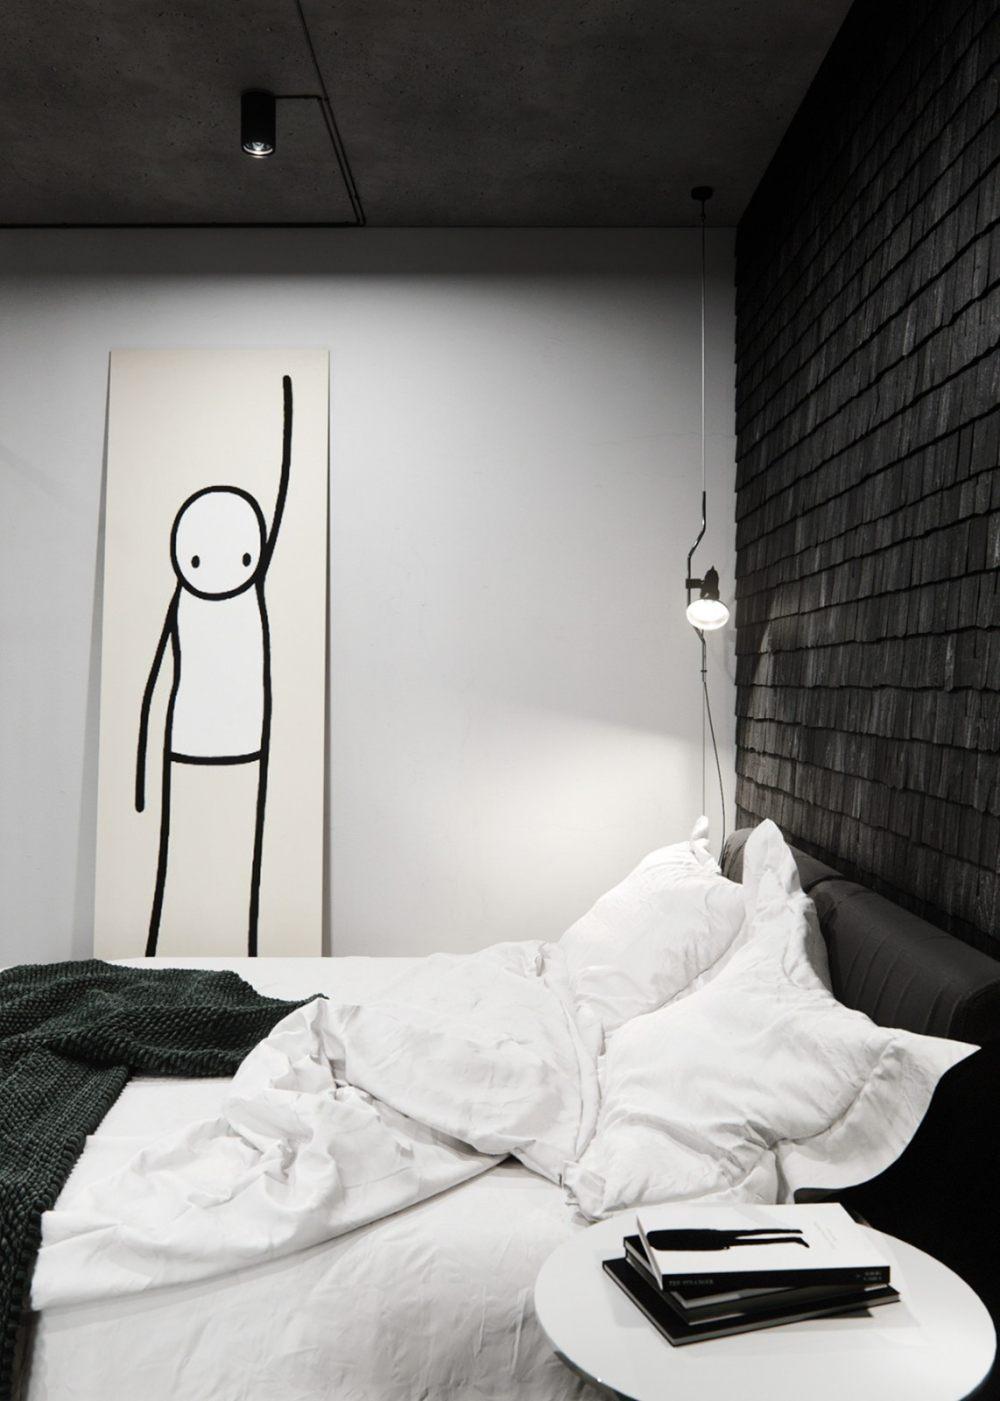 50㎡   年轻人单身公寓,真酷!  实景图+平面图   20P_50㎡年轻人单身公寓,真酷!13.jpg